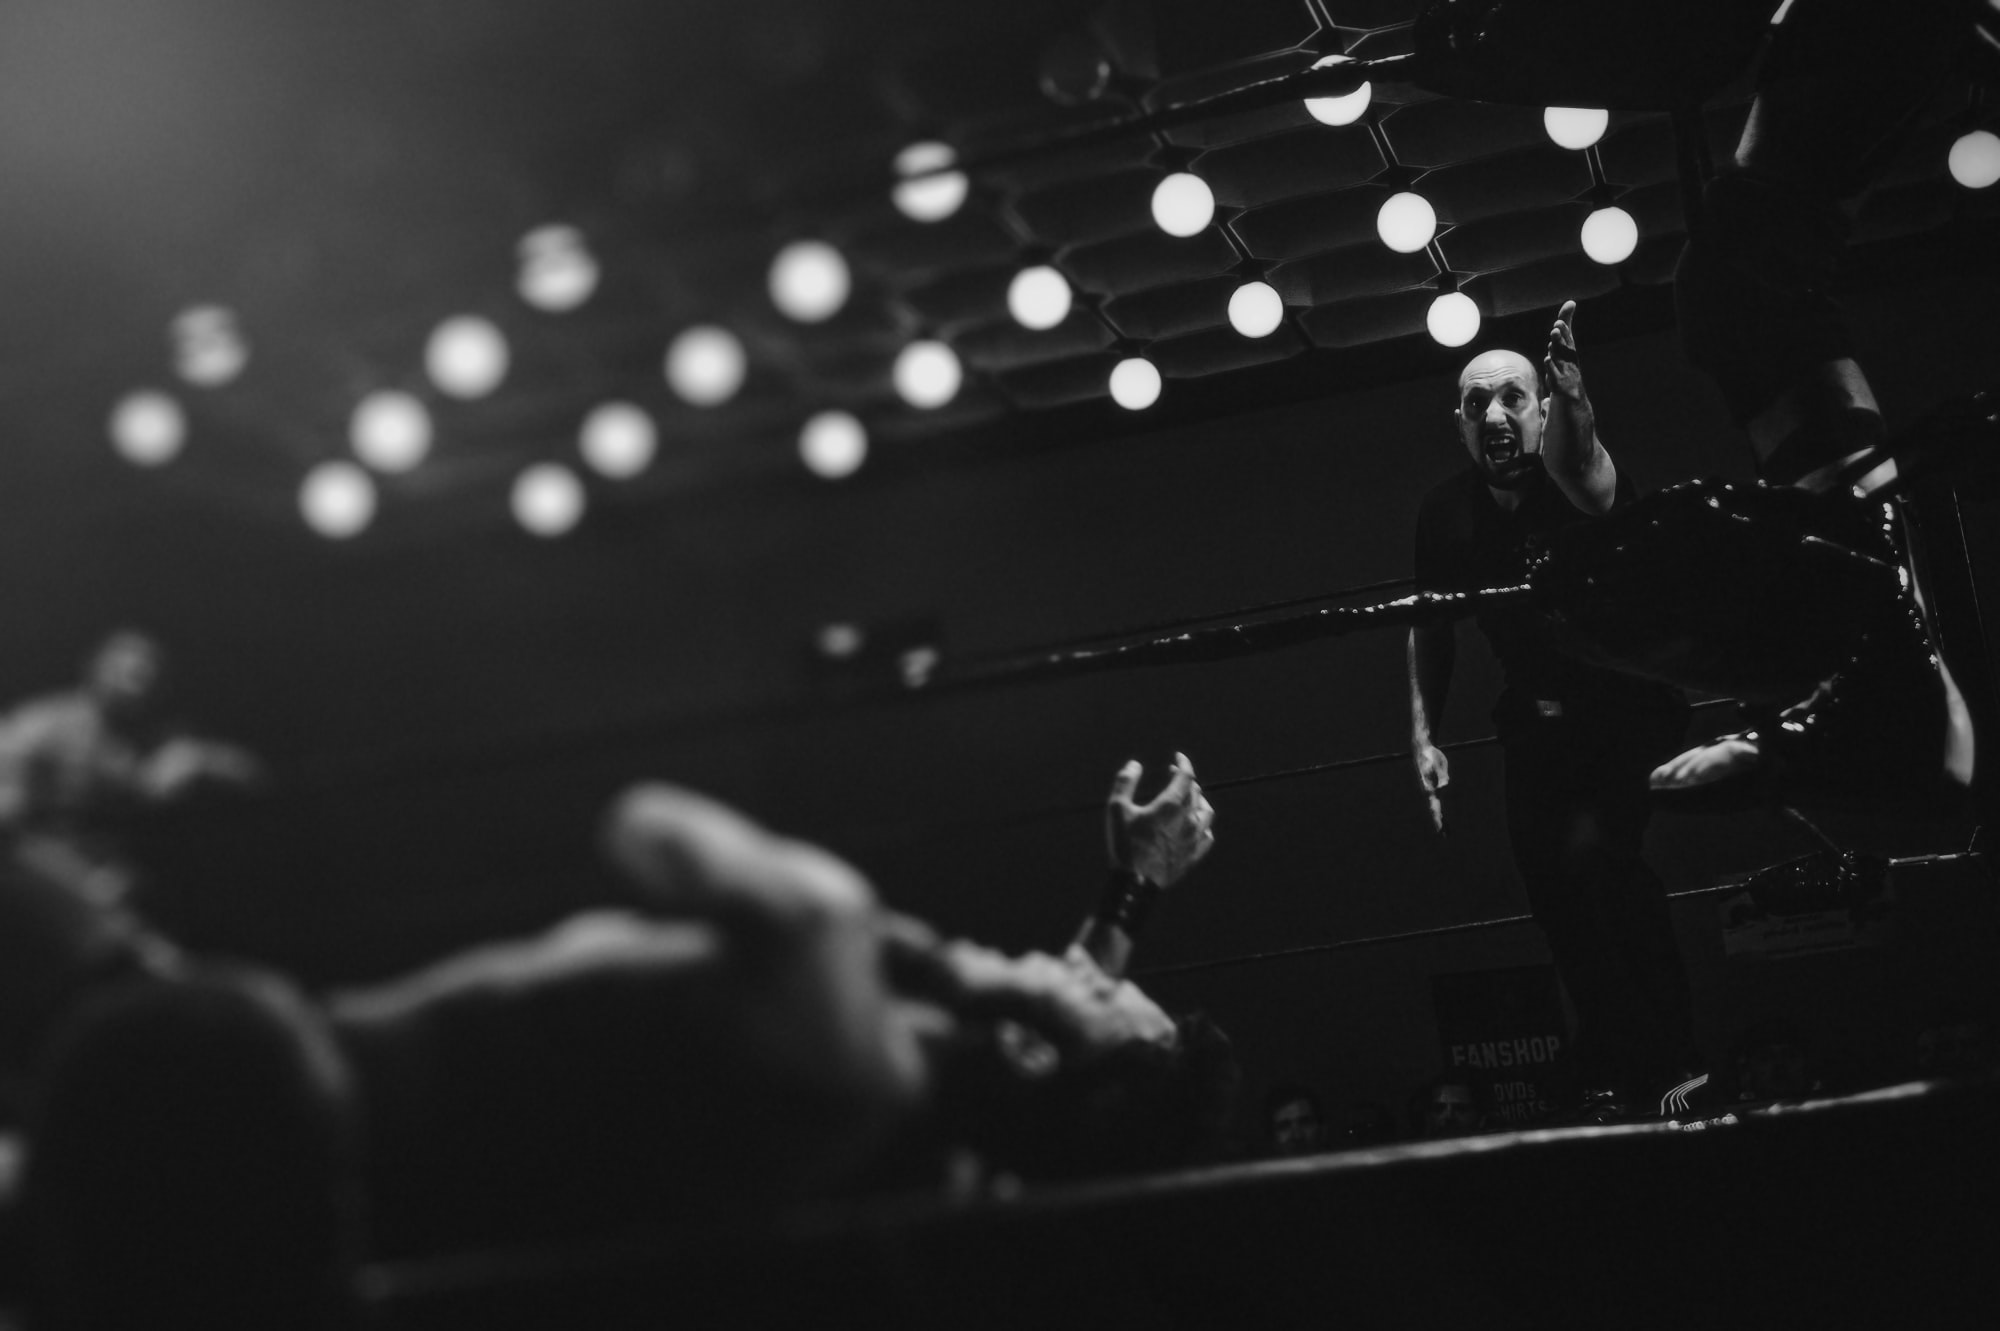 Wrestling ring knockout